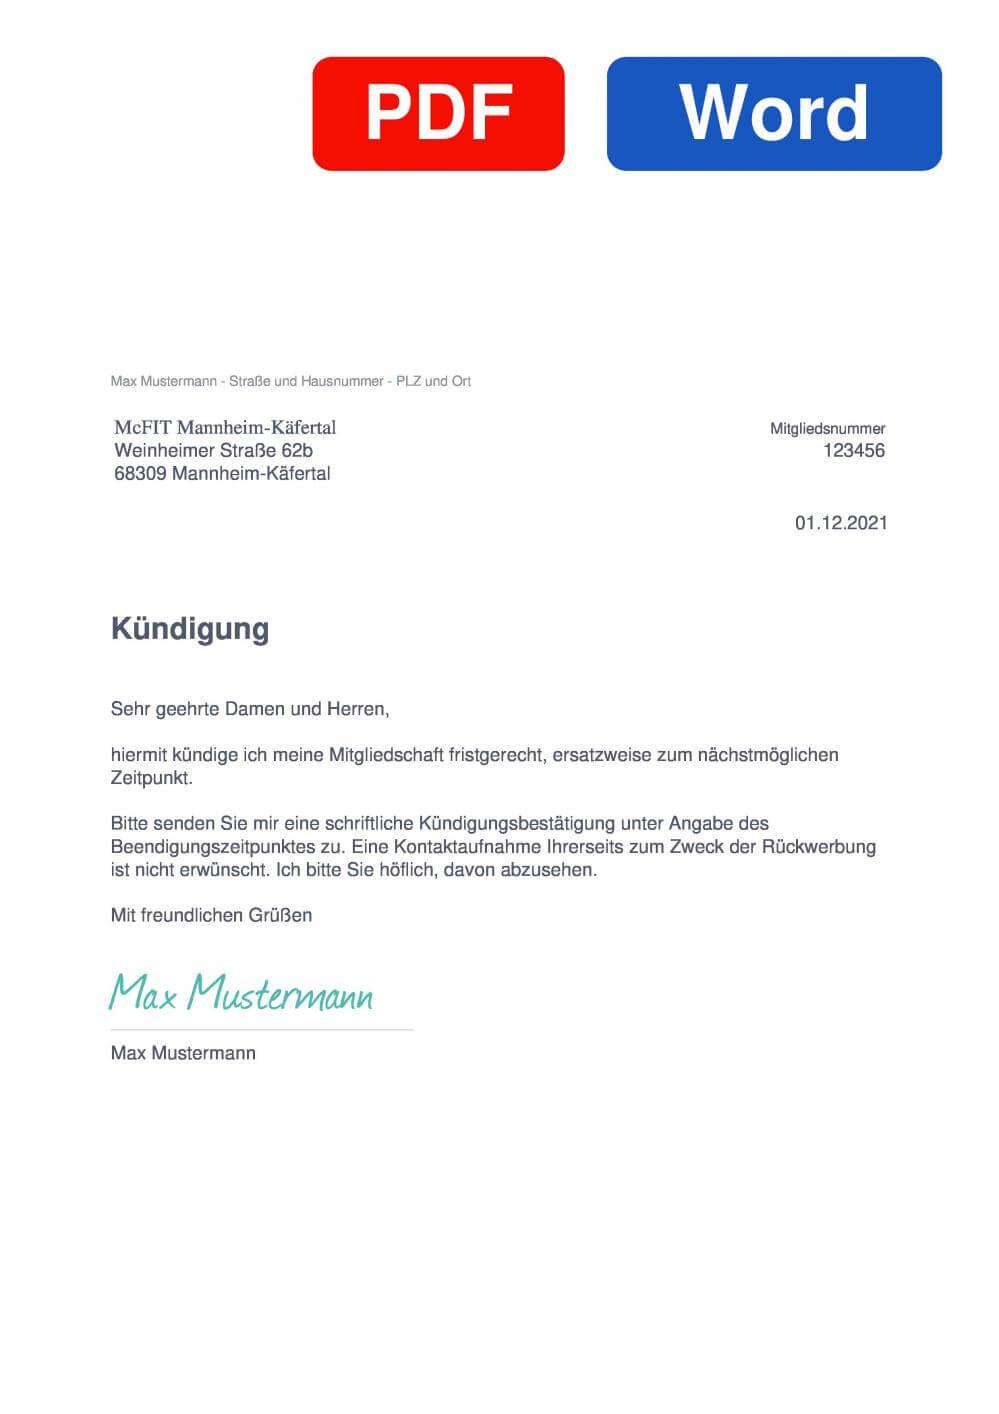 McFIT Mannheim- Käfertal Muster Vorlage für Kündigungsschreiben